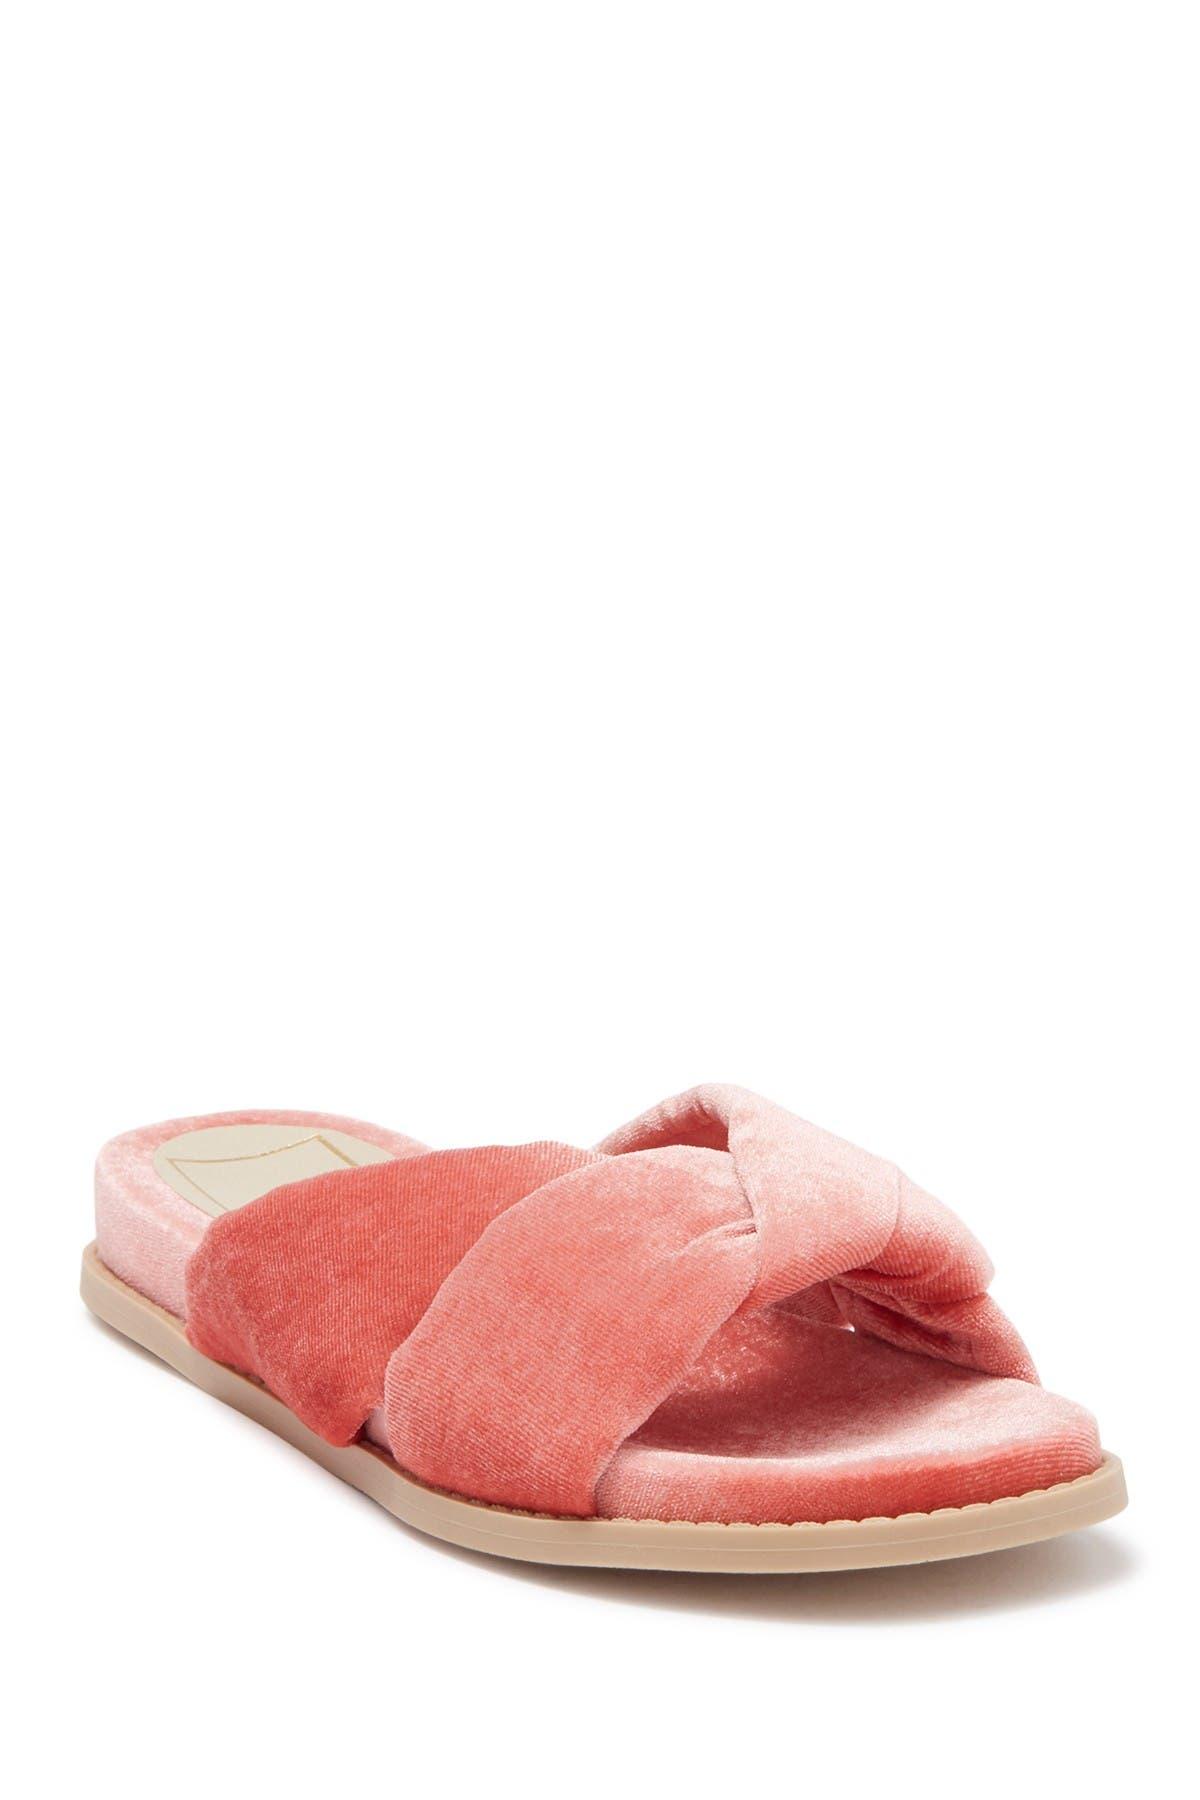 Image of Dolce Vita Golda Knotted Velvet Slipper